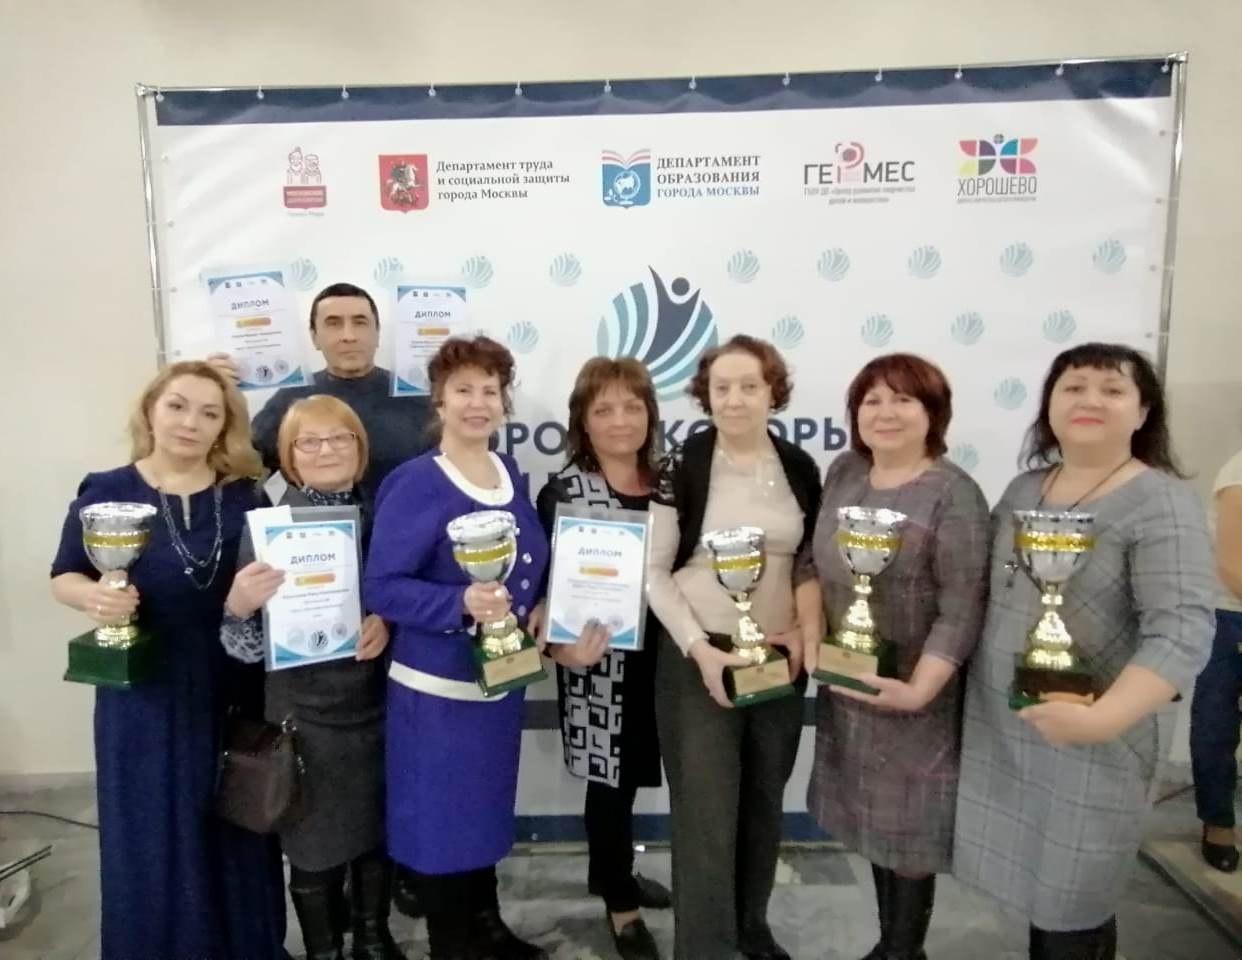 Представители проекта «Московское долголетие» собрали урожай наград на фестивале «Дороги, которые мы выбираем»